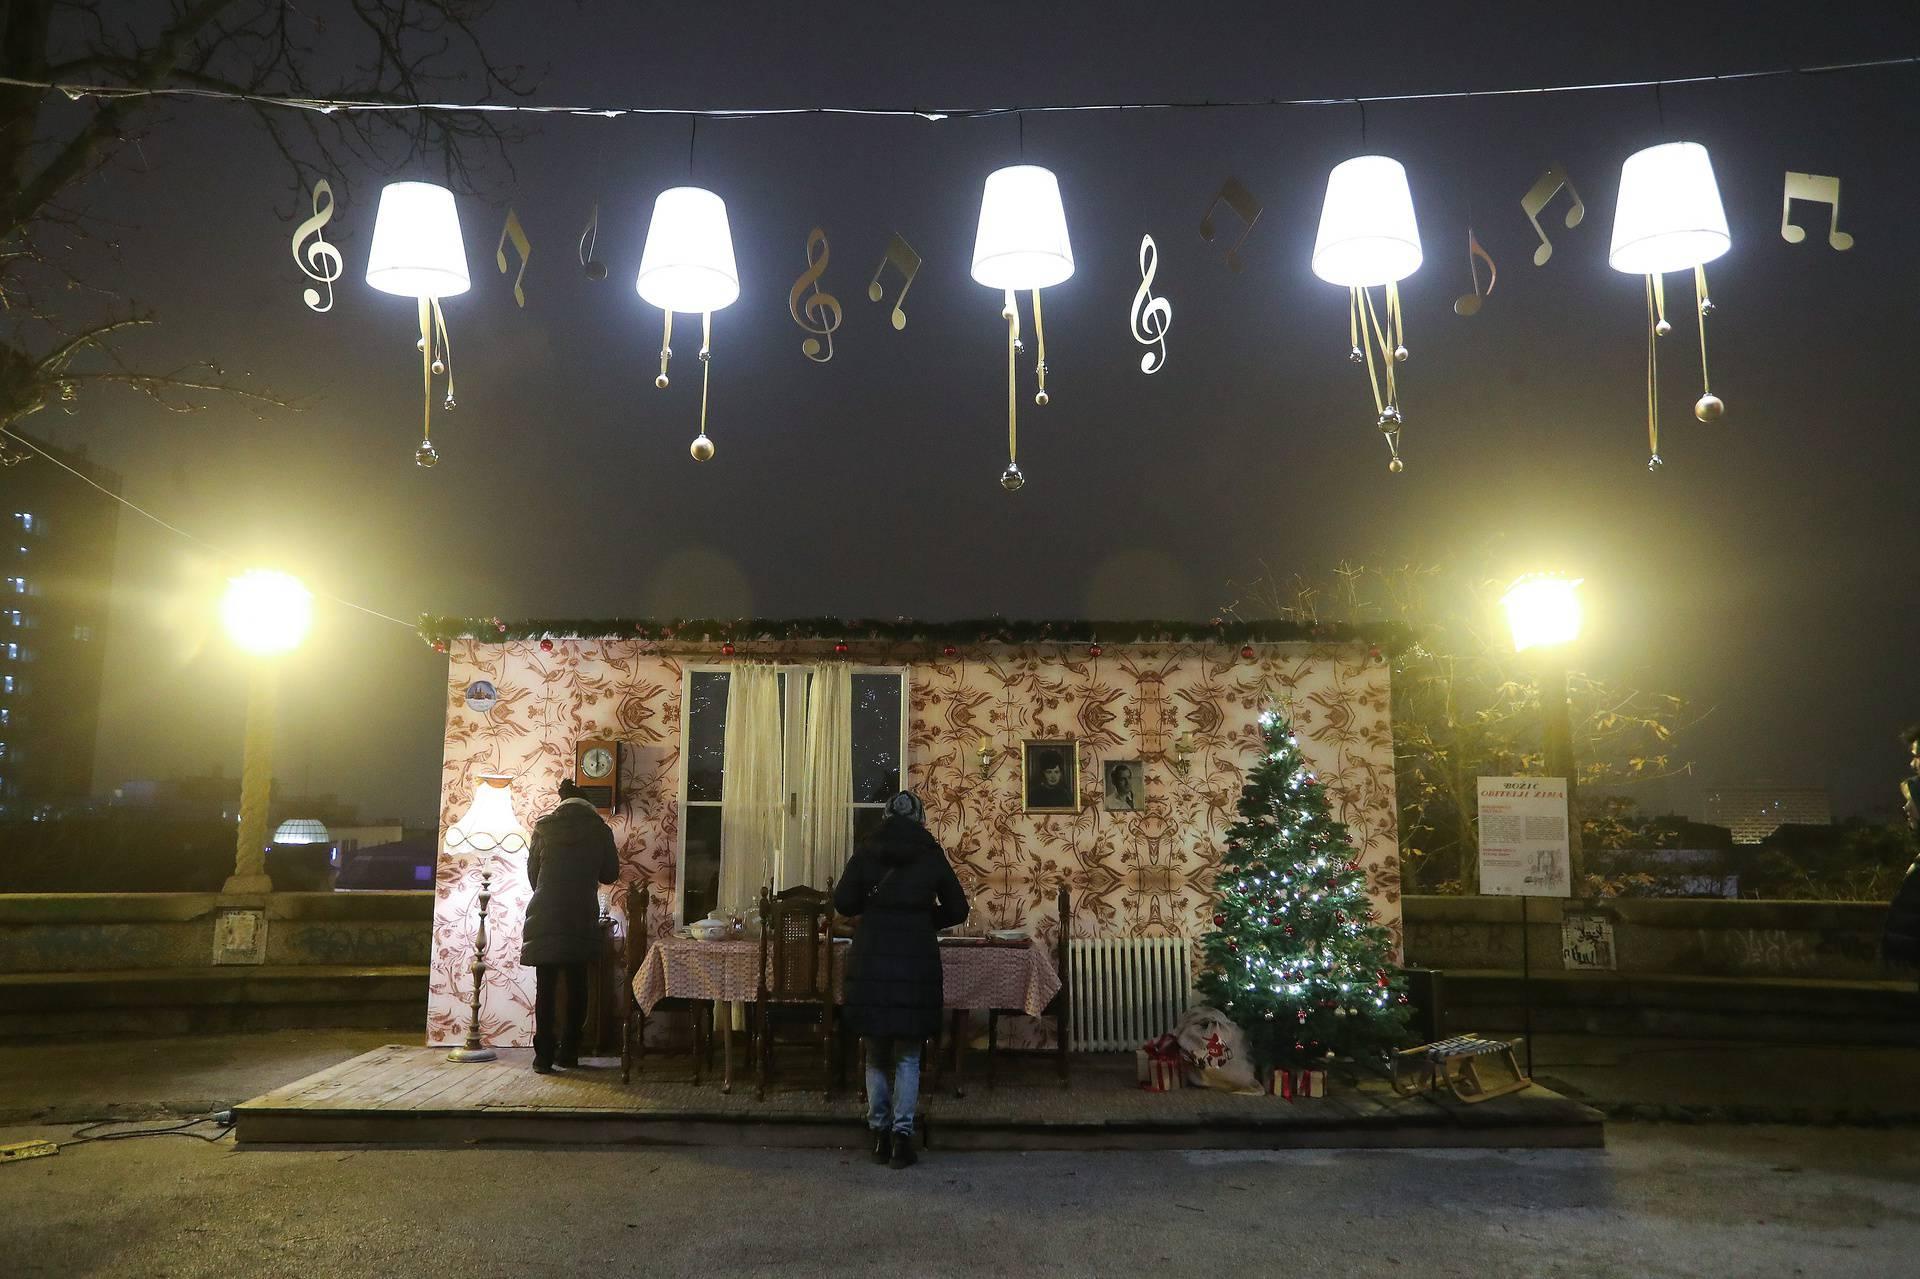 Ovogodišnji Advent u Zagrebu počeo je u nešto drugačijem ozračju